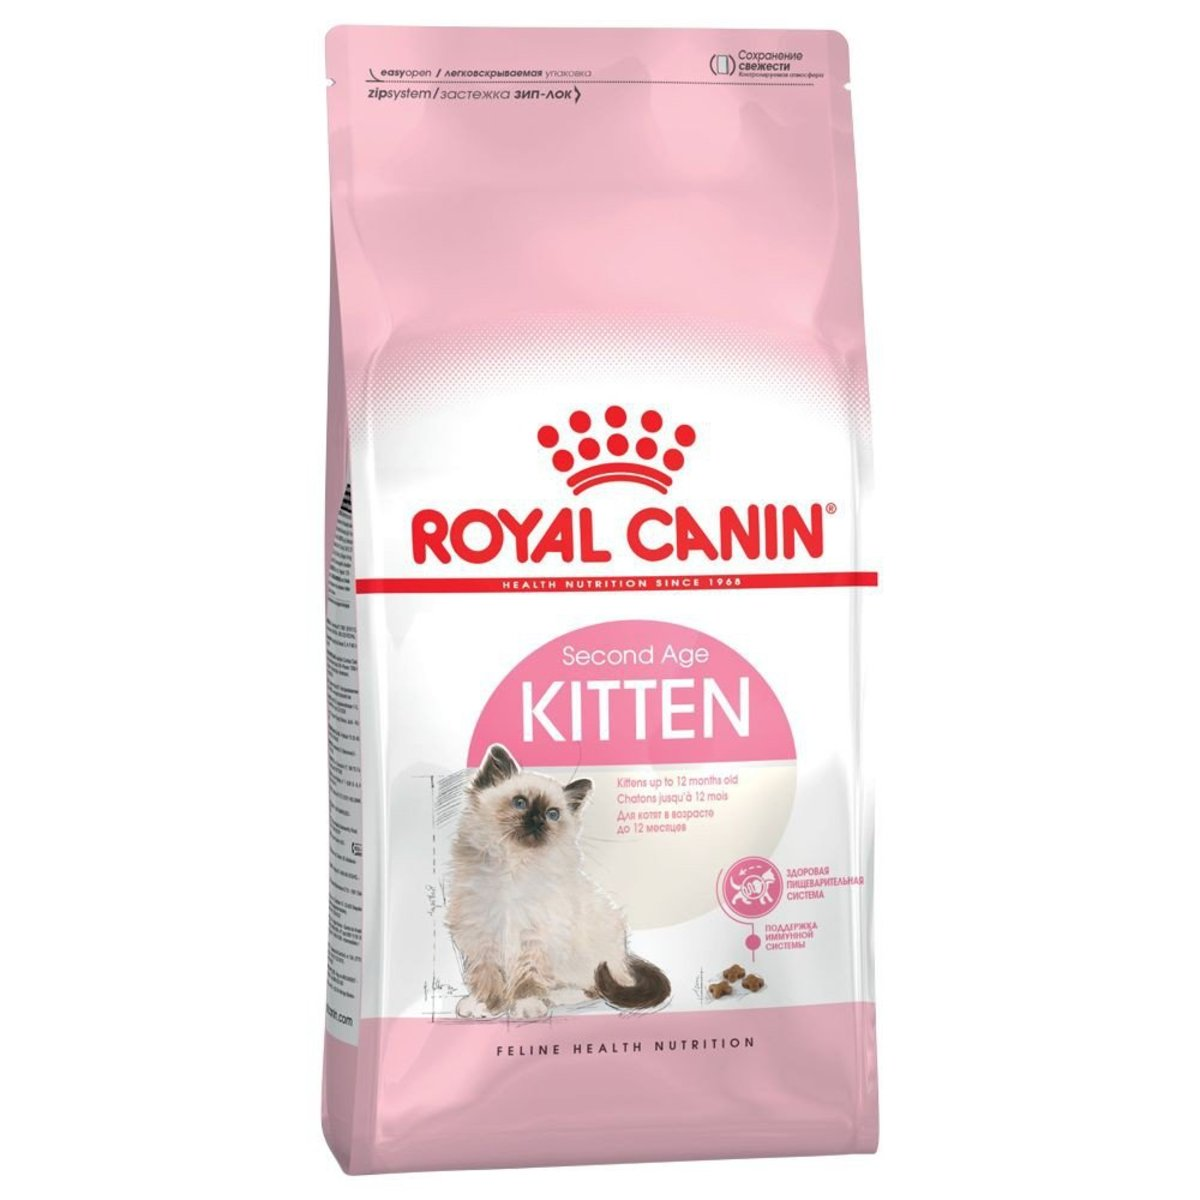 幼貓貓糧配方 4kg [702447]